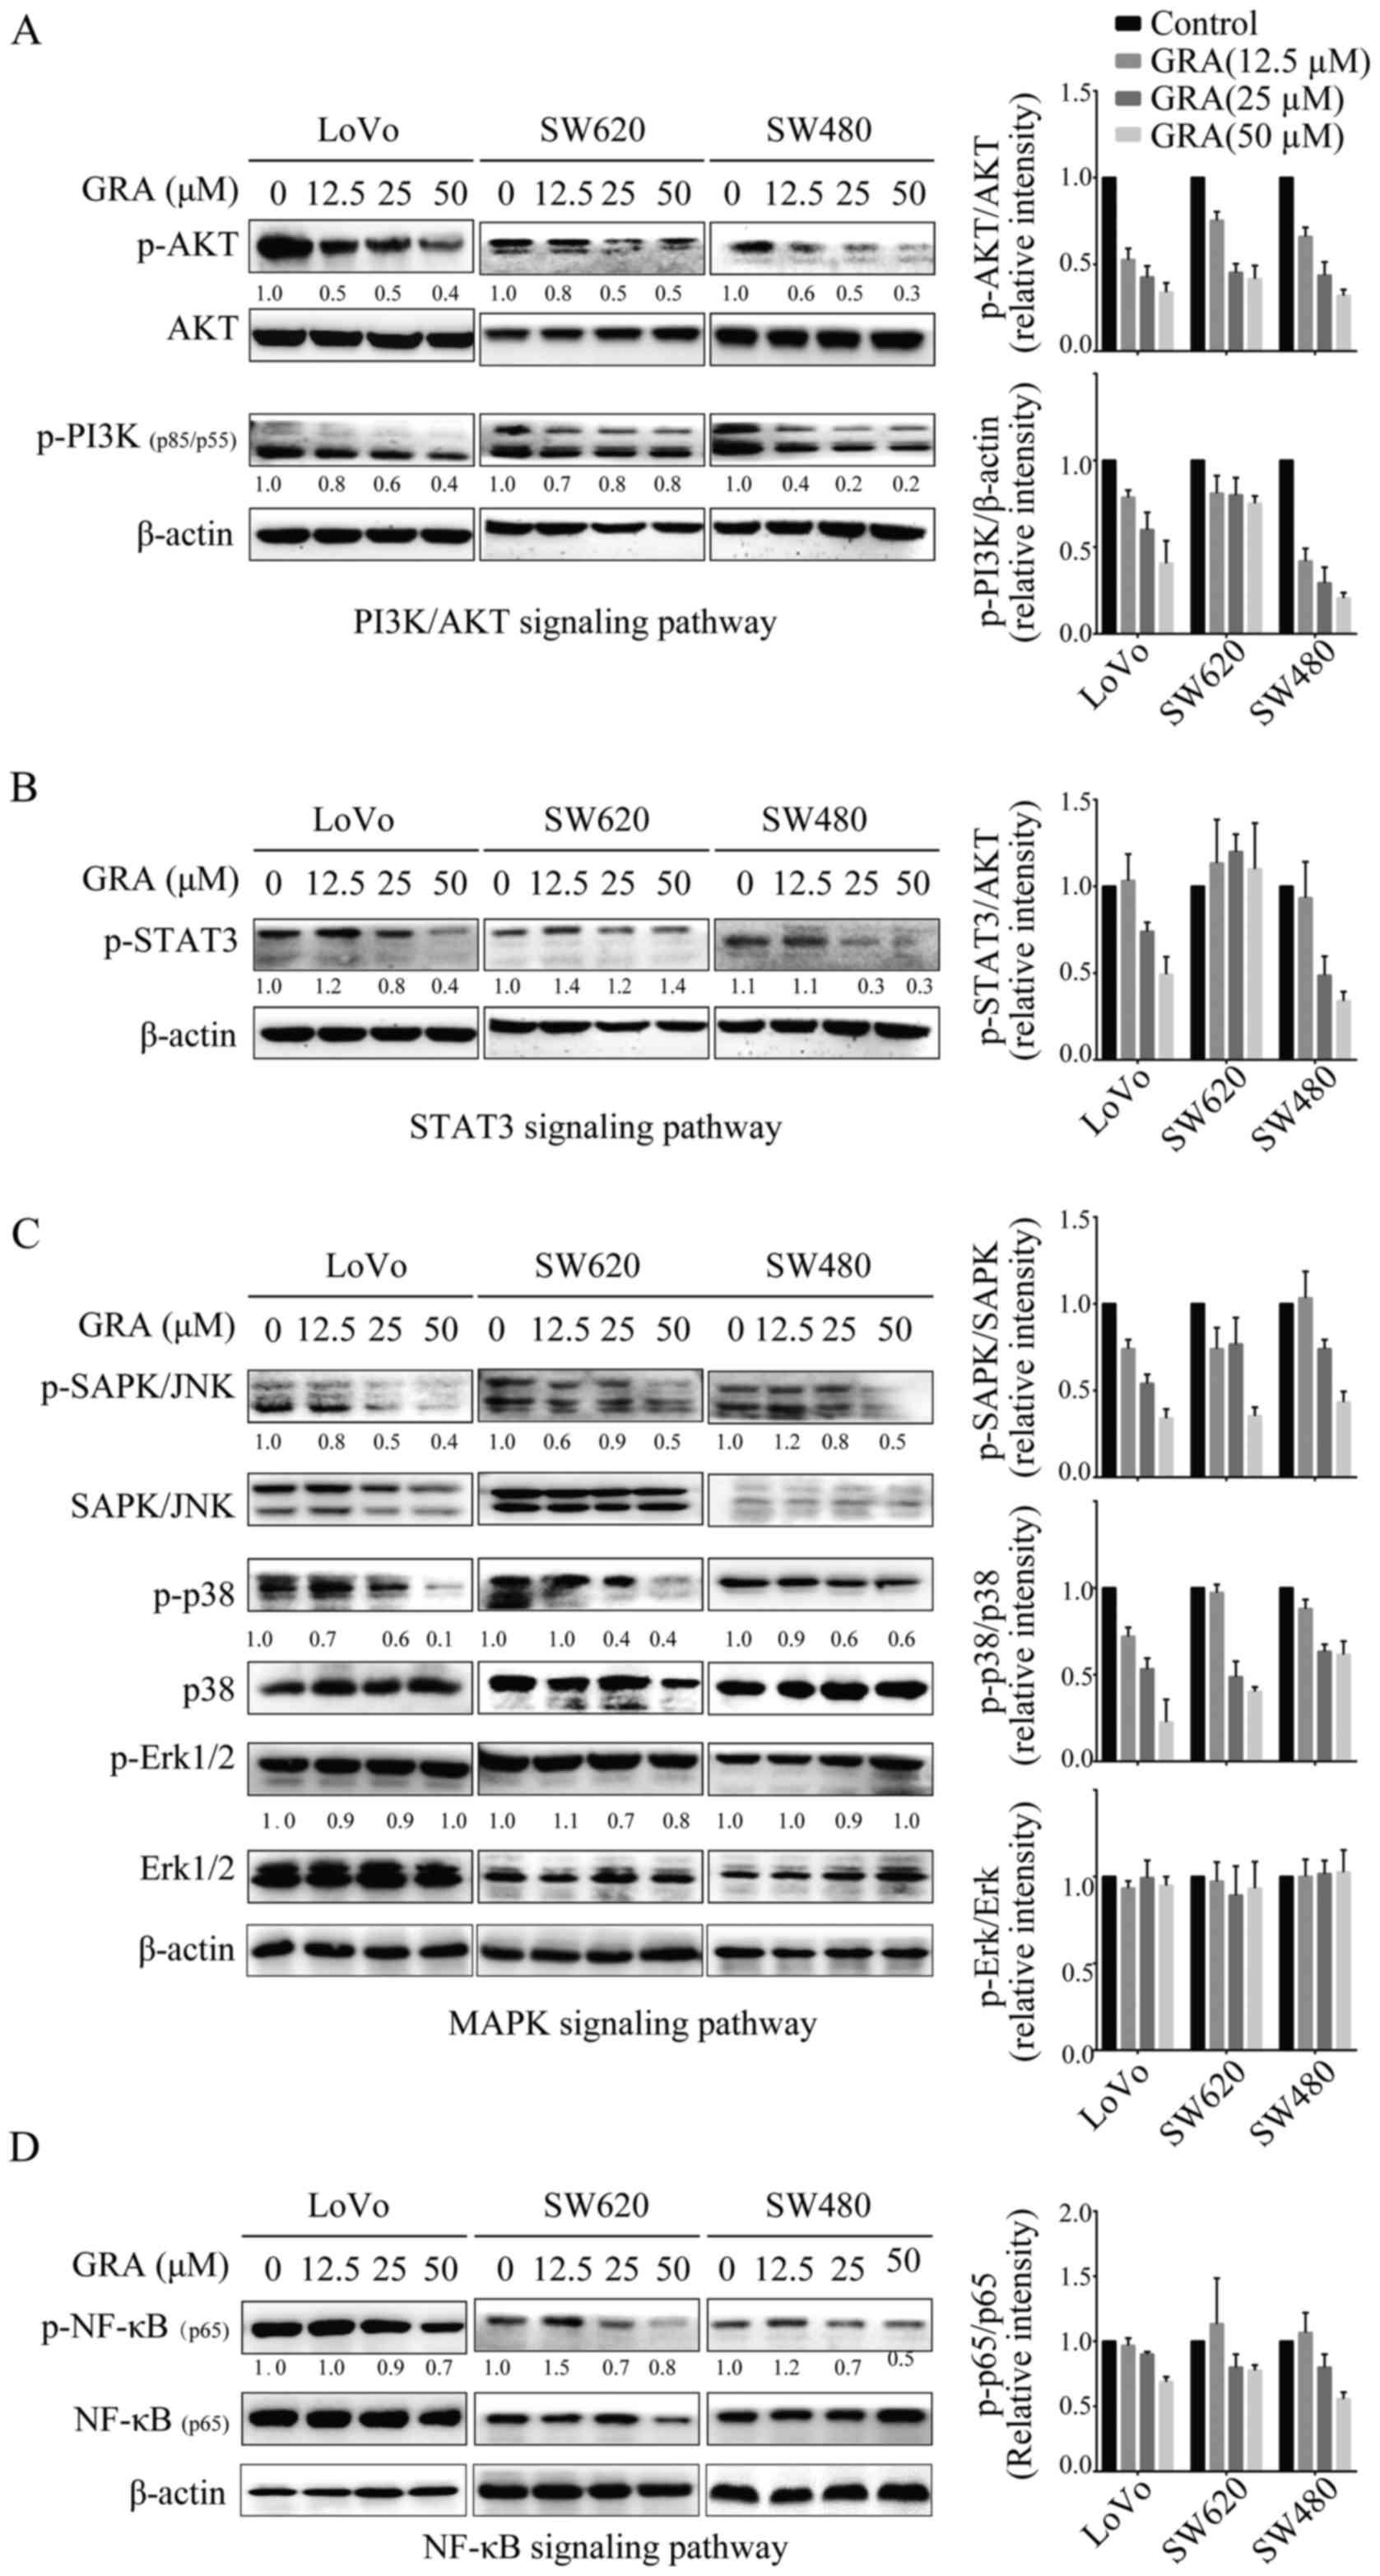 18 β-glycyrrhetinic acid exhibits potent antitumor effects against